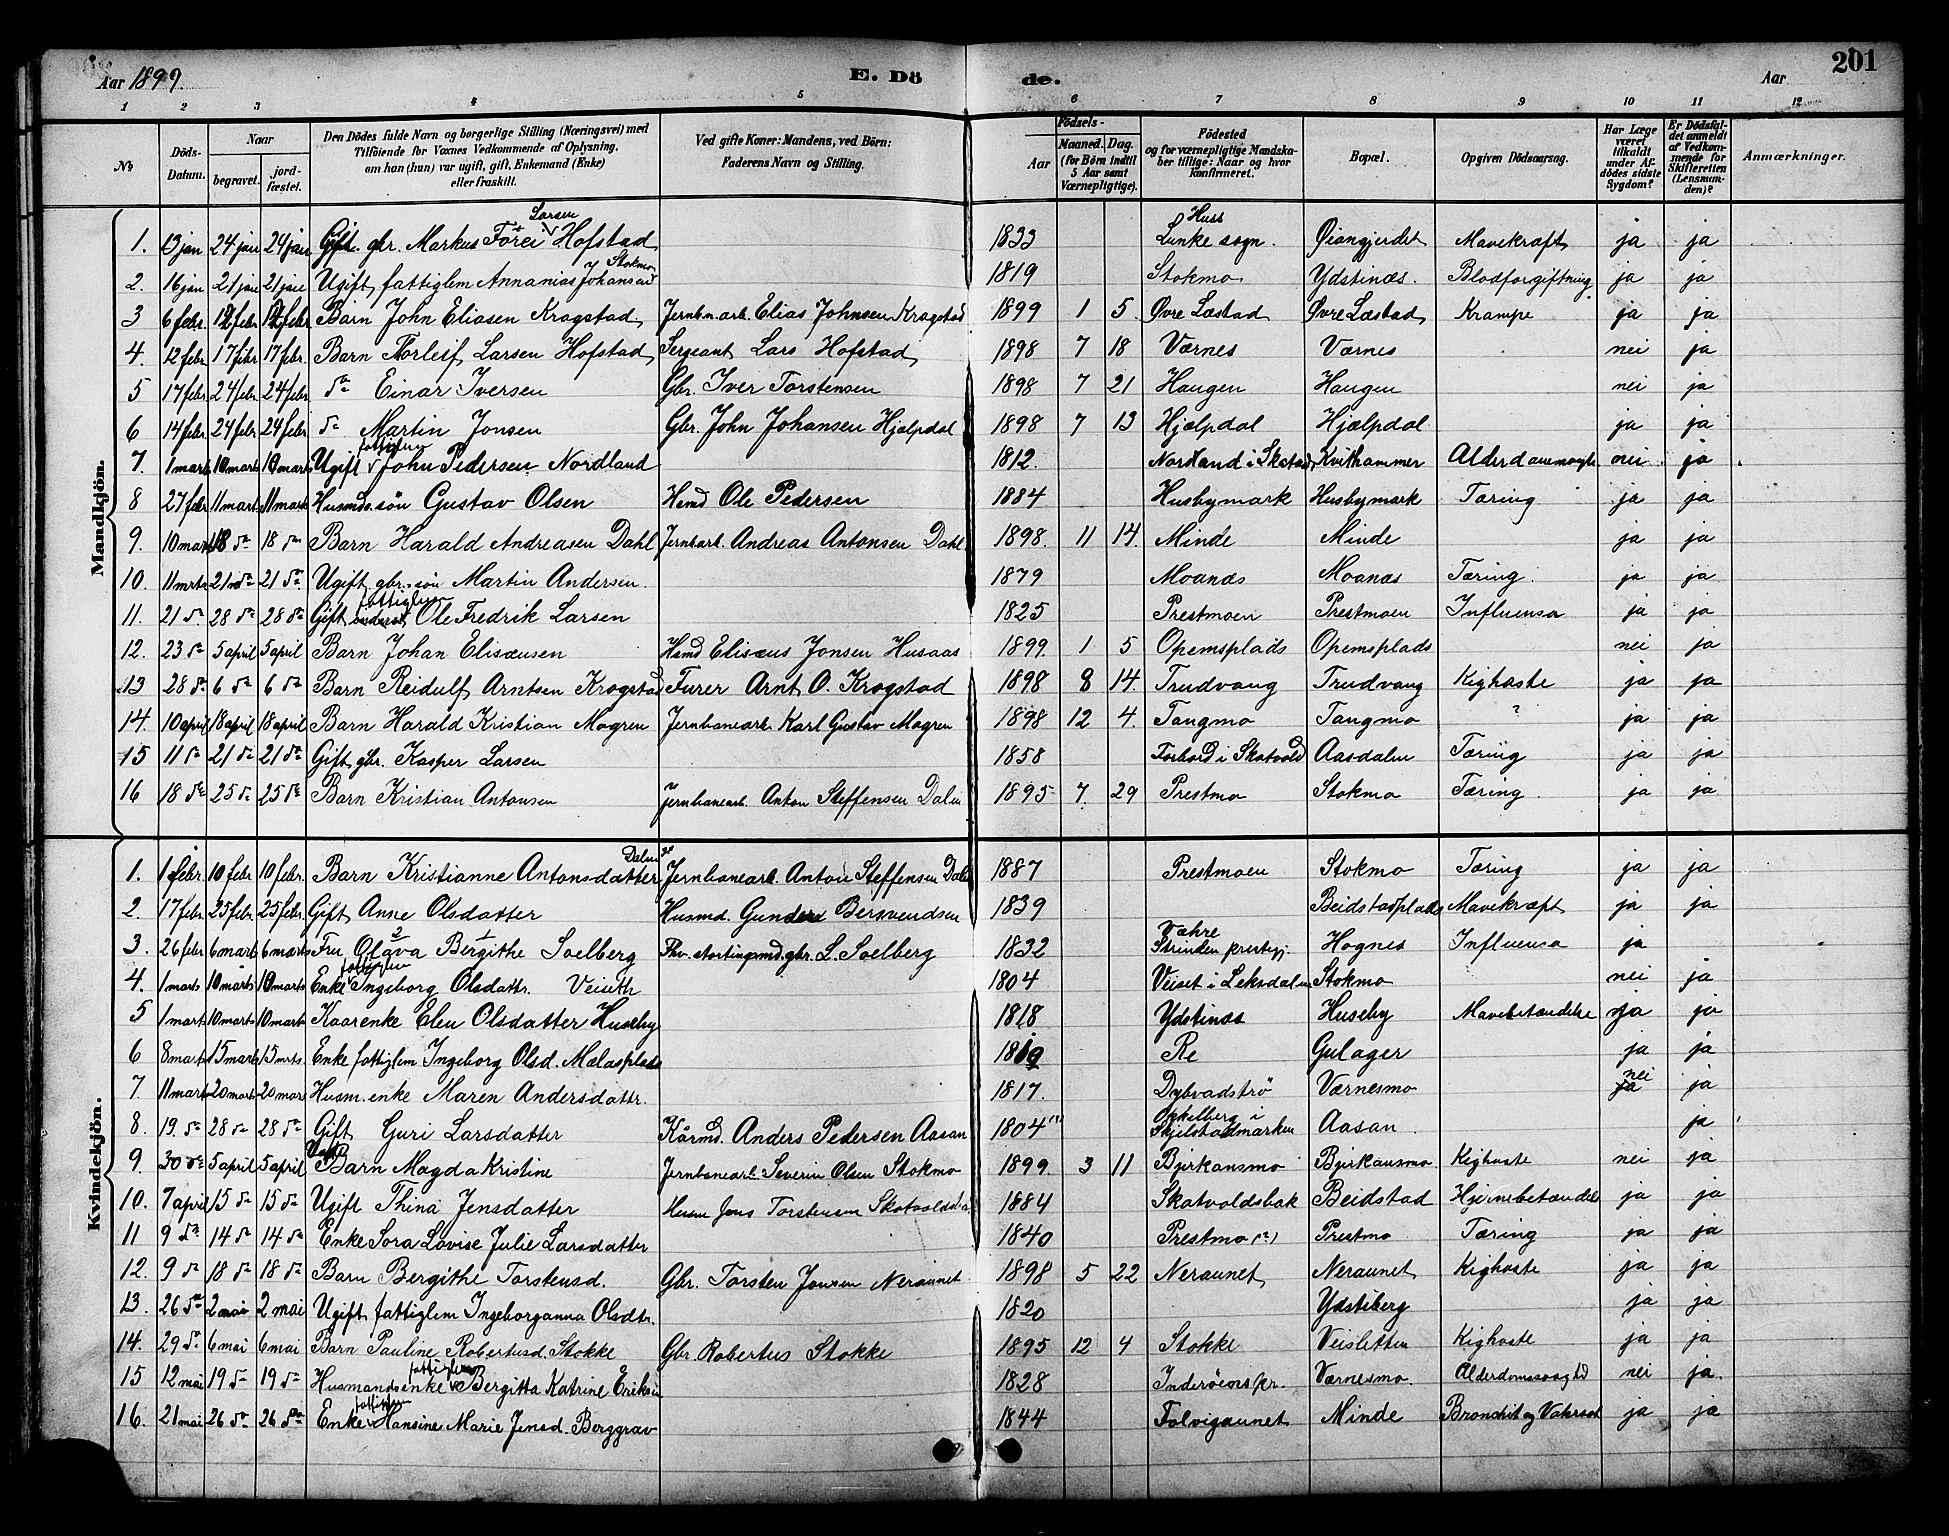 SAT, Ministerialprotokoller, klokkerbøker og fødselsregistre - Nord-Trøndelag, 709/L0087: Klokkerbok nr. 709C01, 1892-1913, s. 201